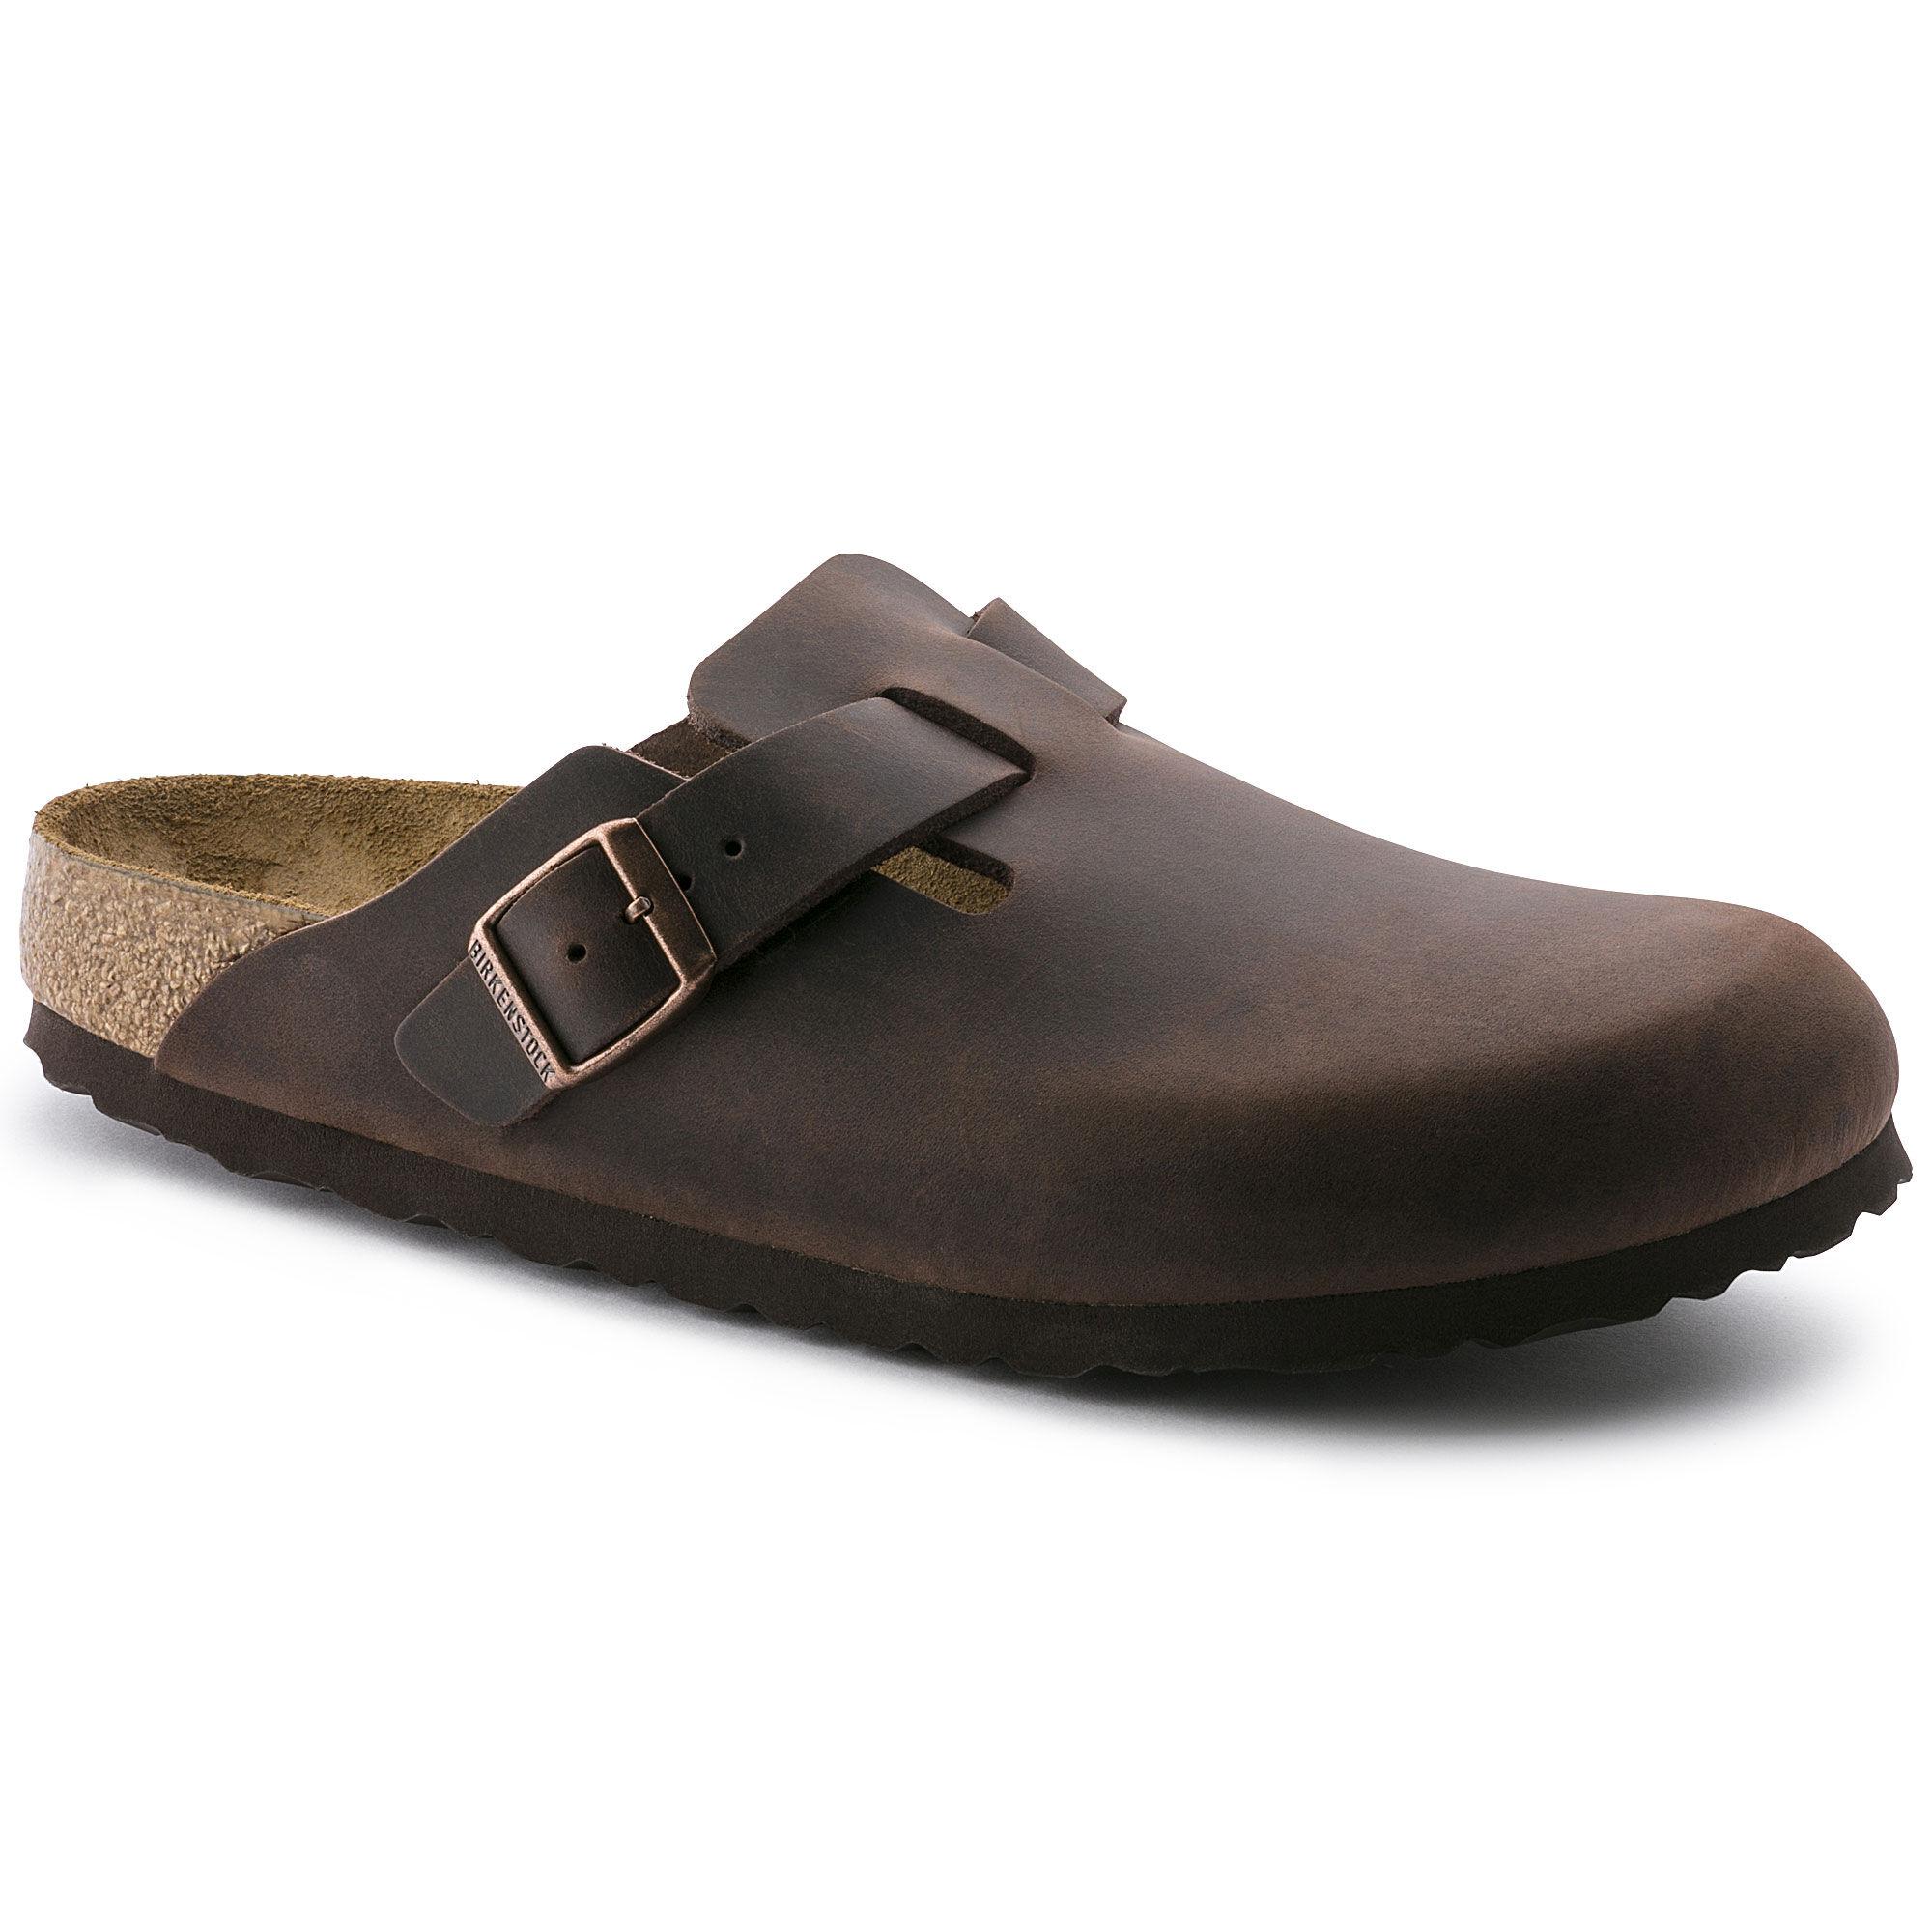 Schuhe Und Und Schuhe Aus LederBirkenstock Sandalen thQdCsr